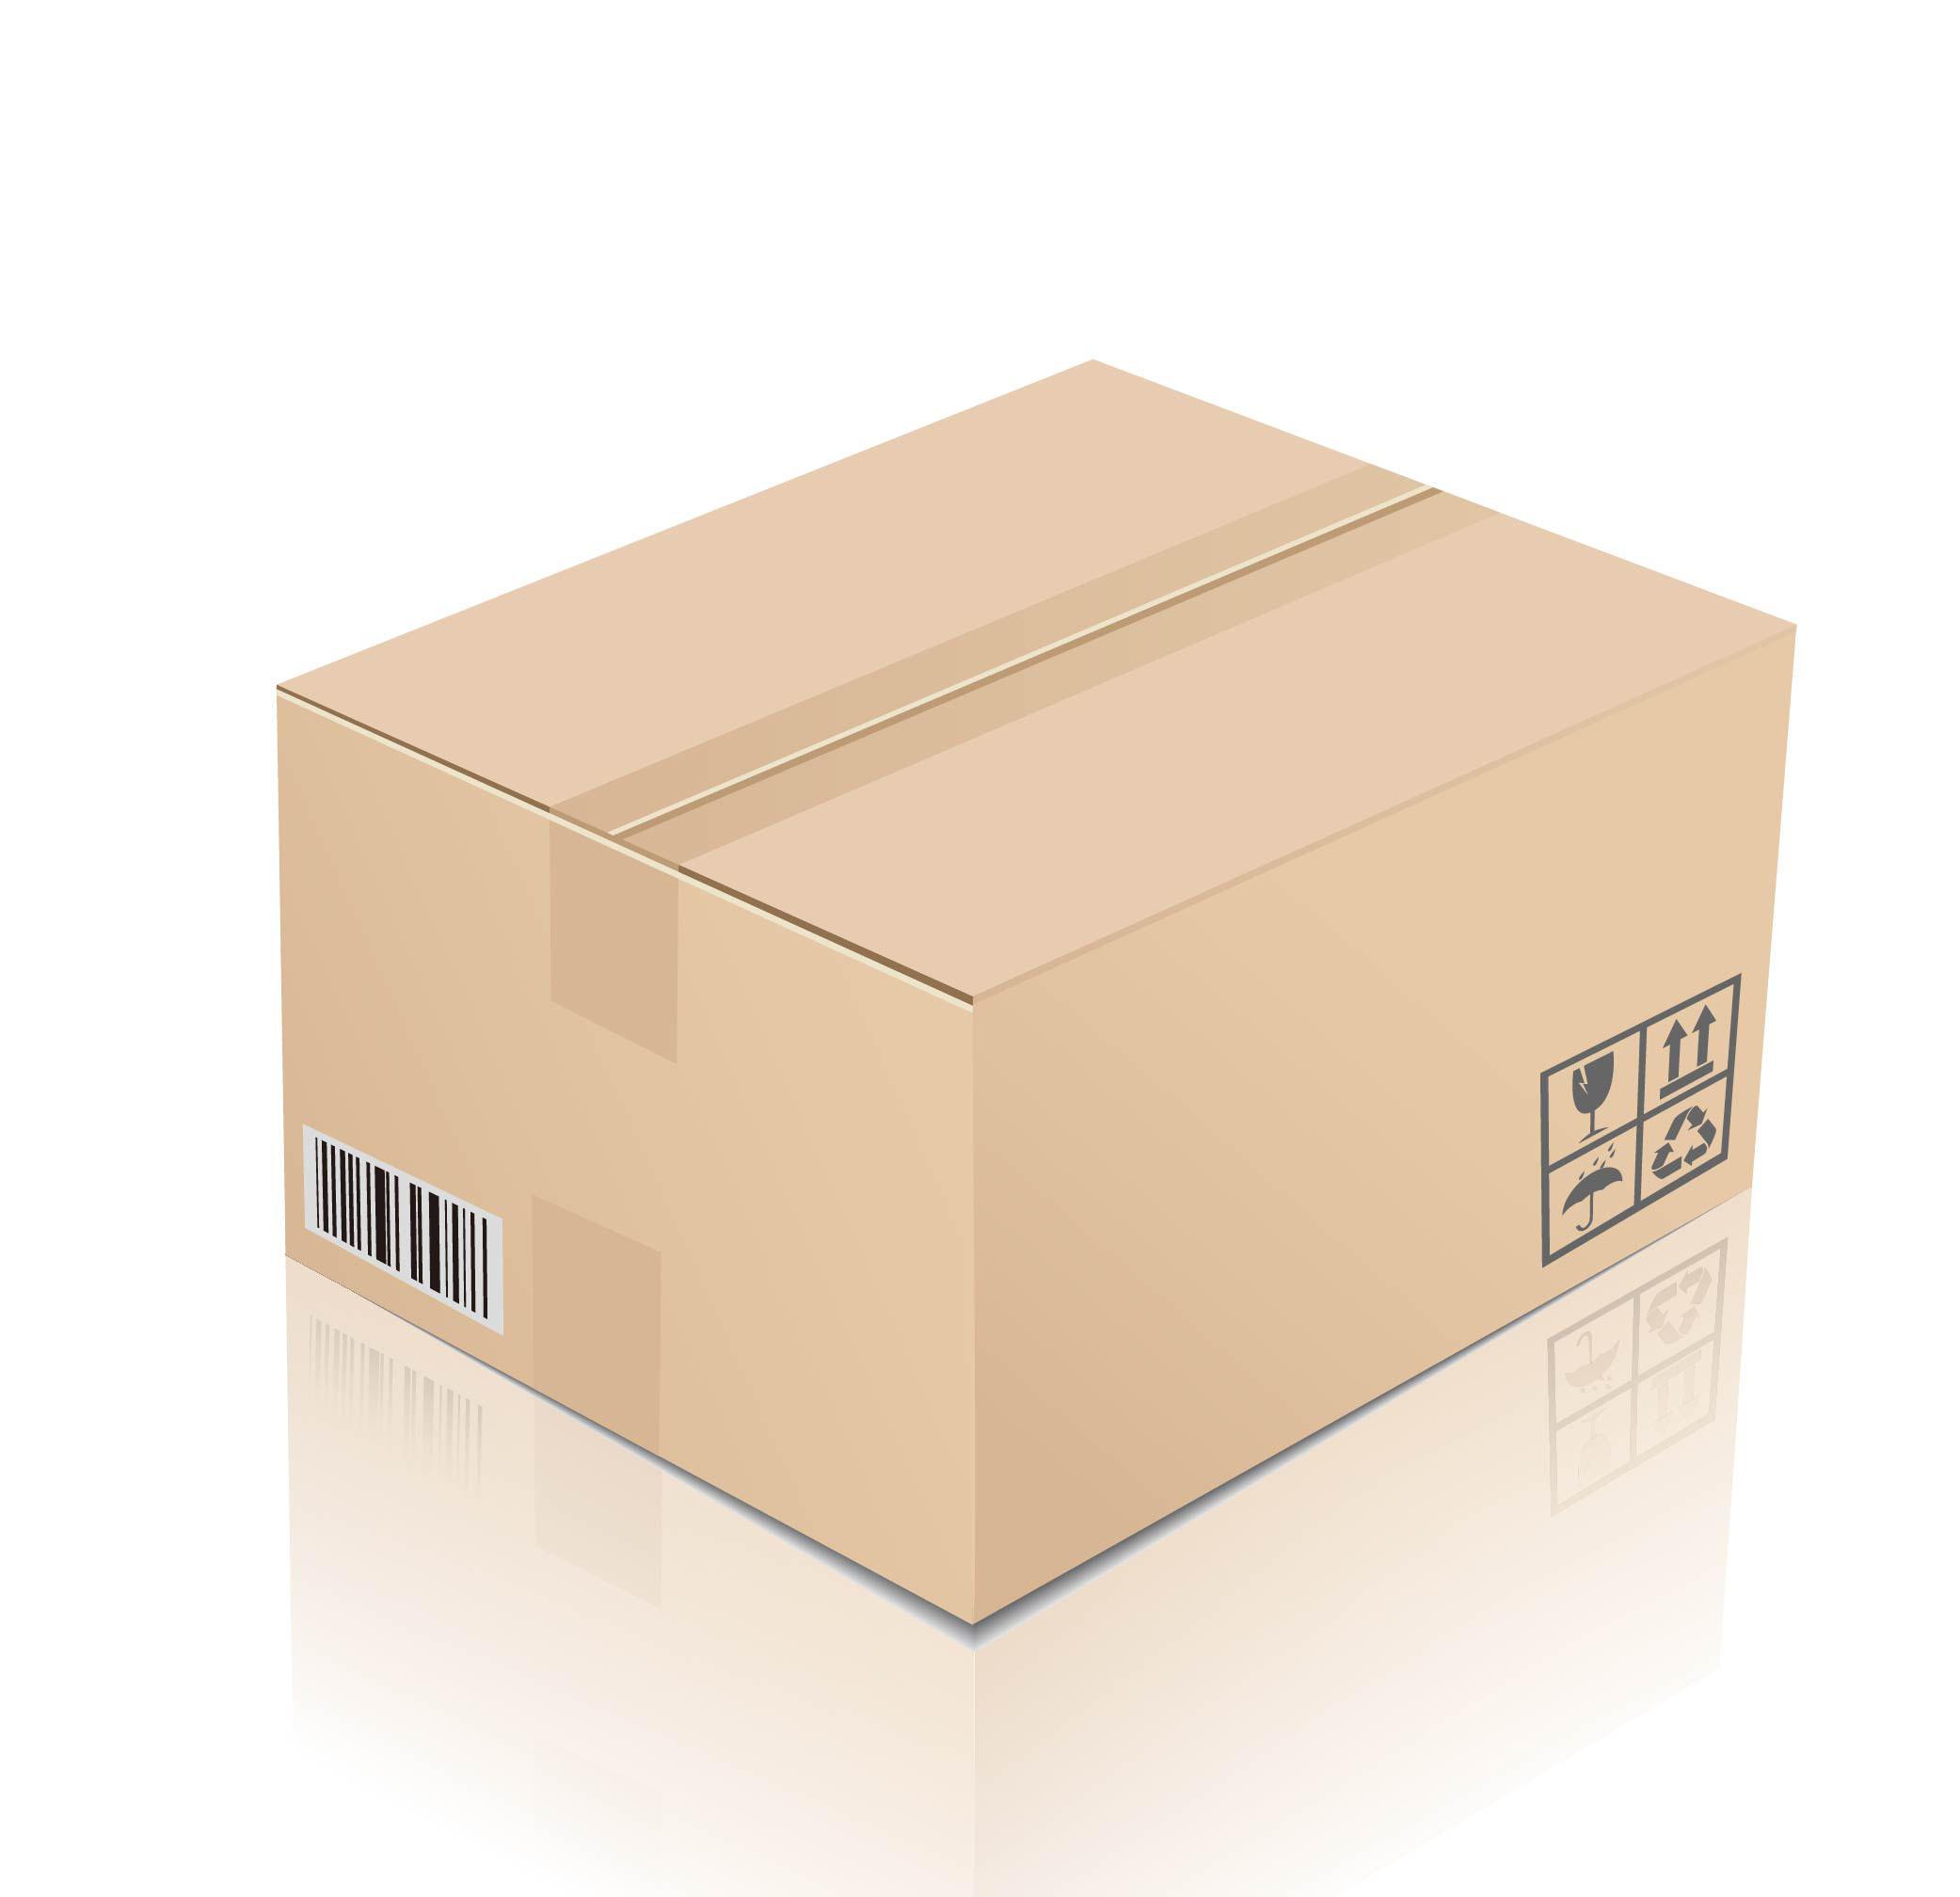 Bracket supply box